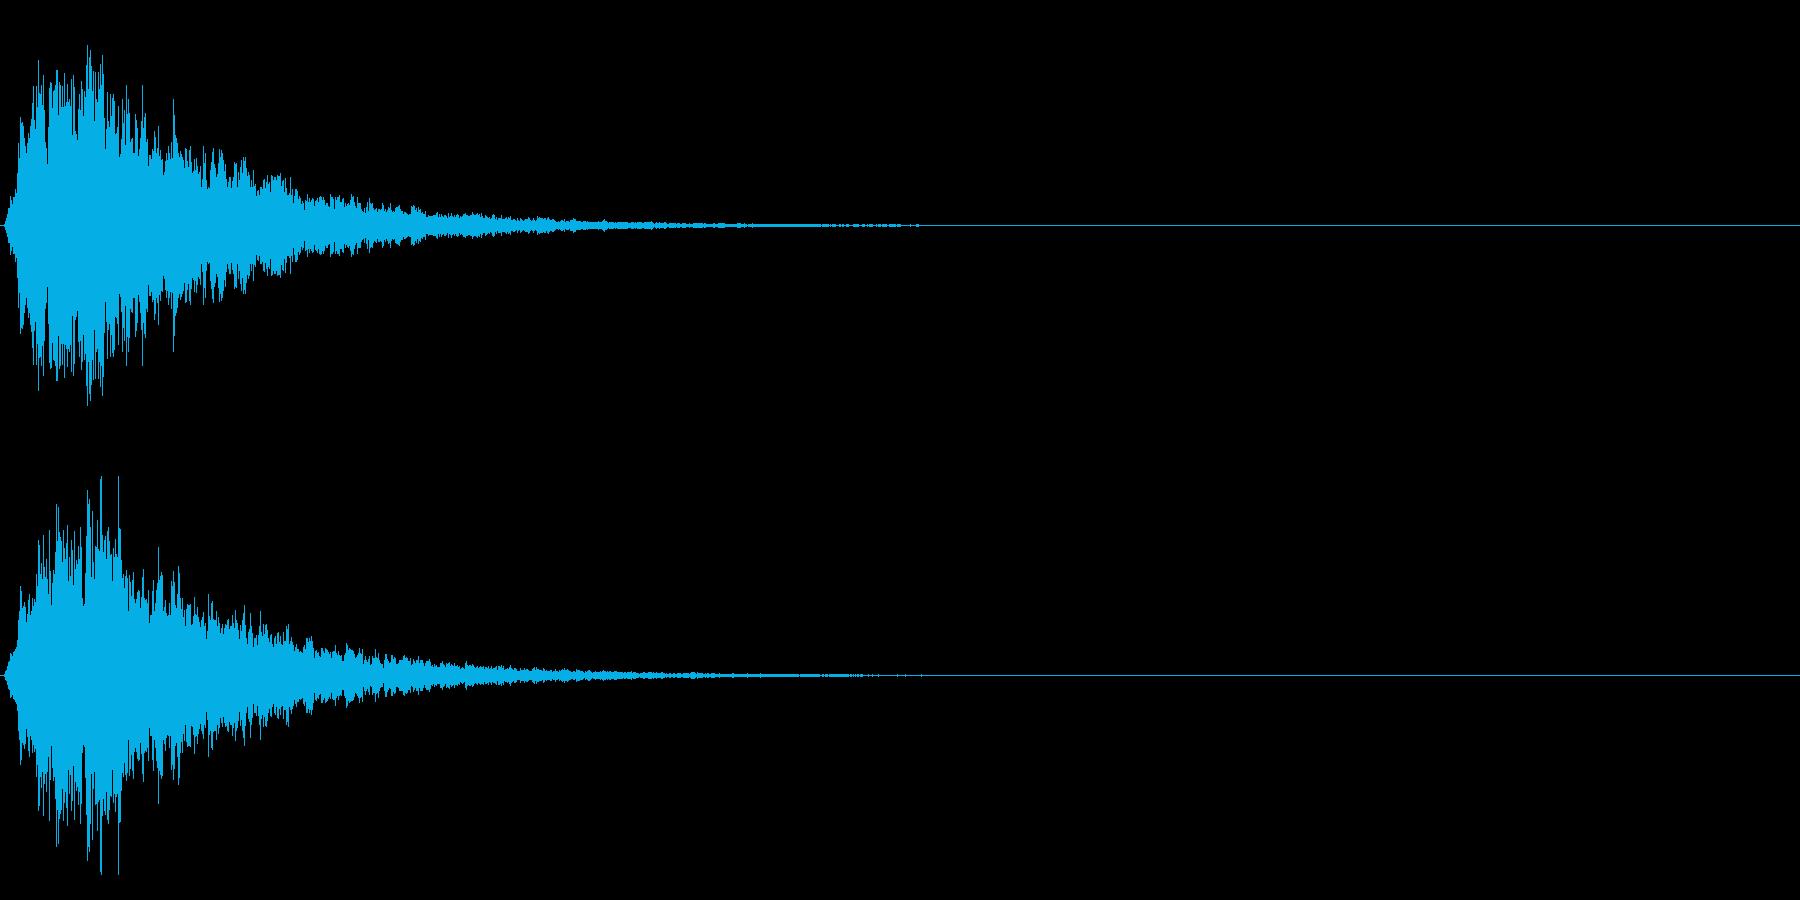 ゲームスタート、決定、ボタン音-051の再生済みの波形